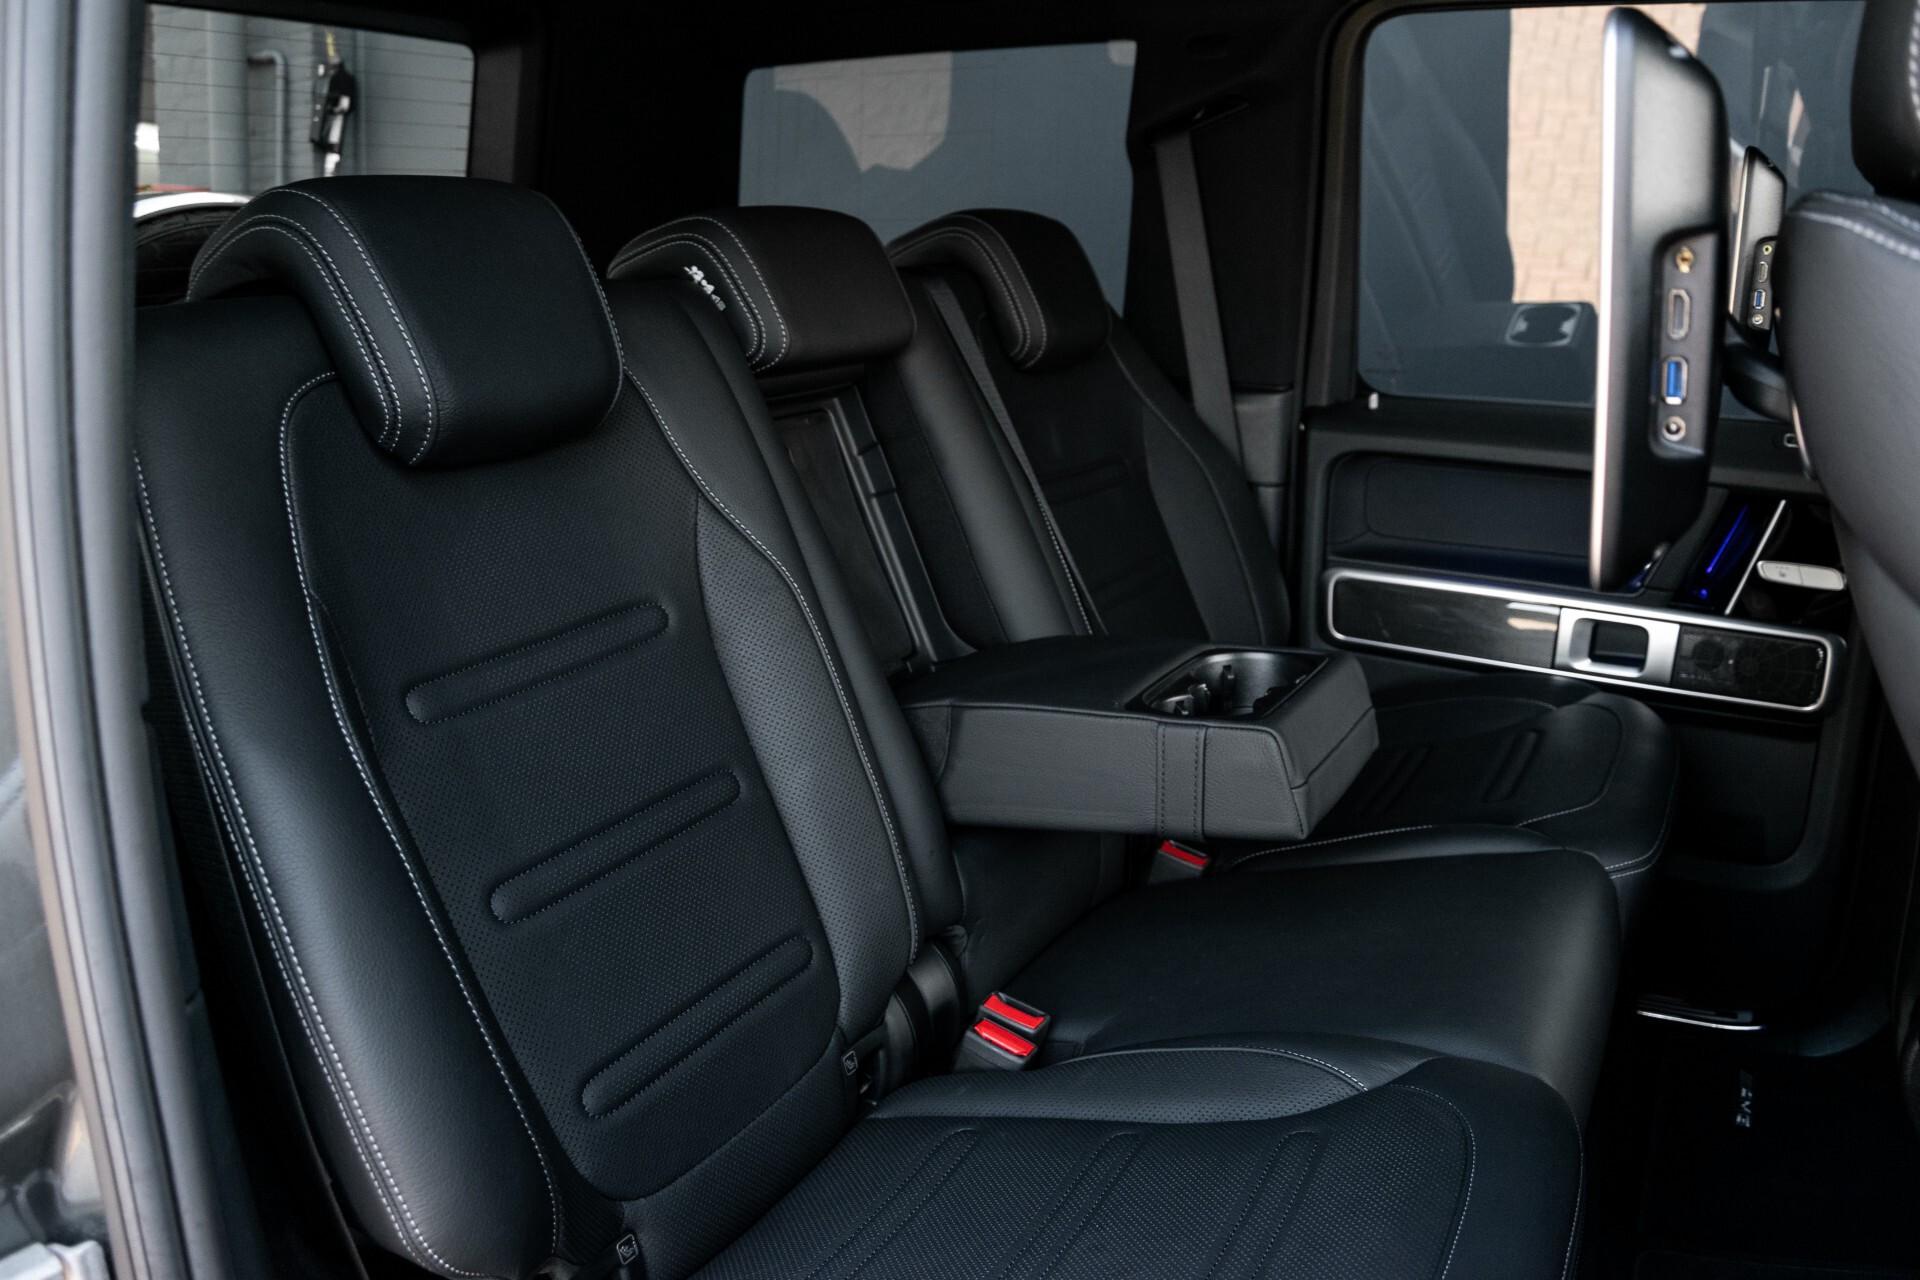 Mercedes-Benz G-Klasse 500 AMG Massage/Entertainment/Manufaktur/Standkachel/Distronic/RVS Aut9 Foto 4